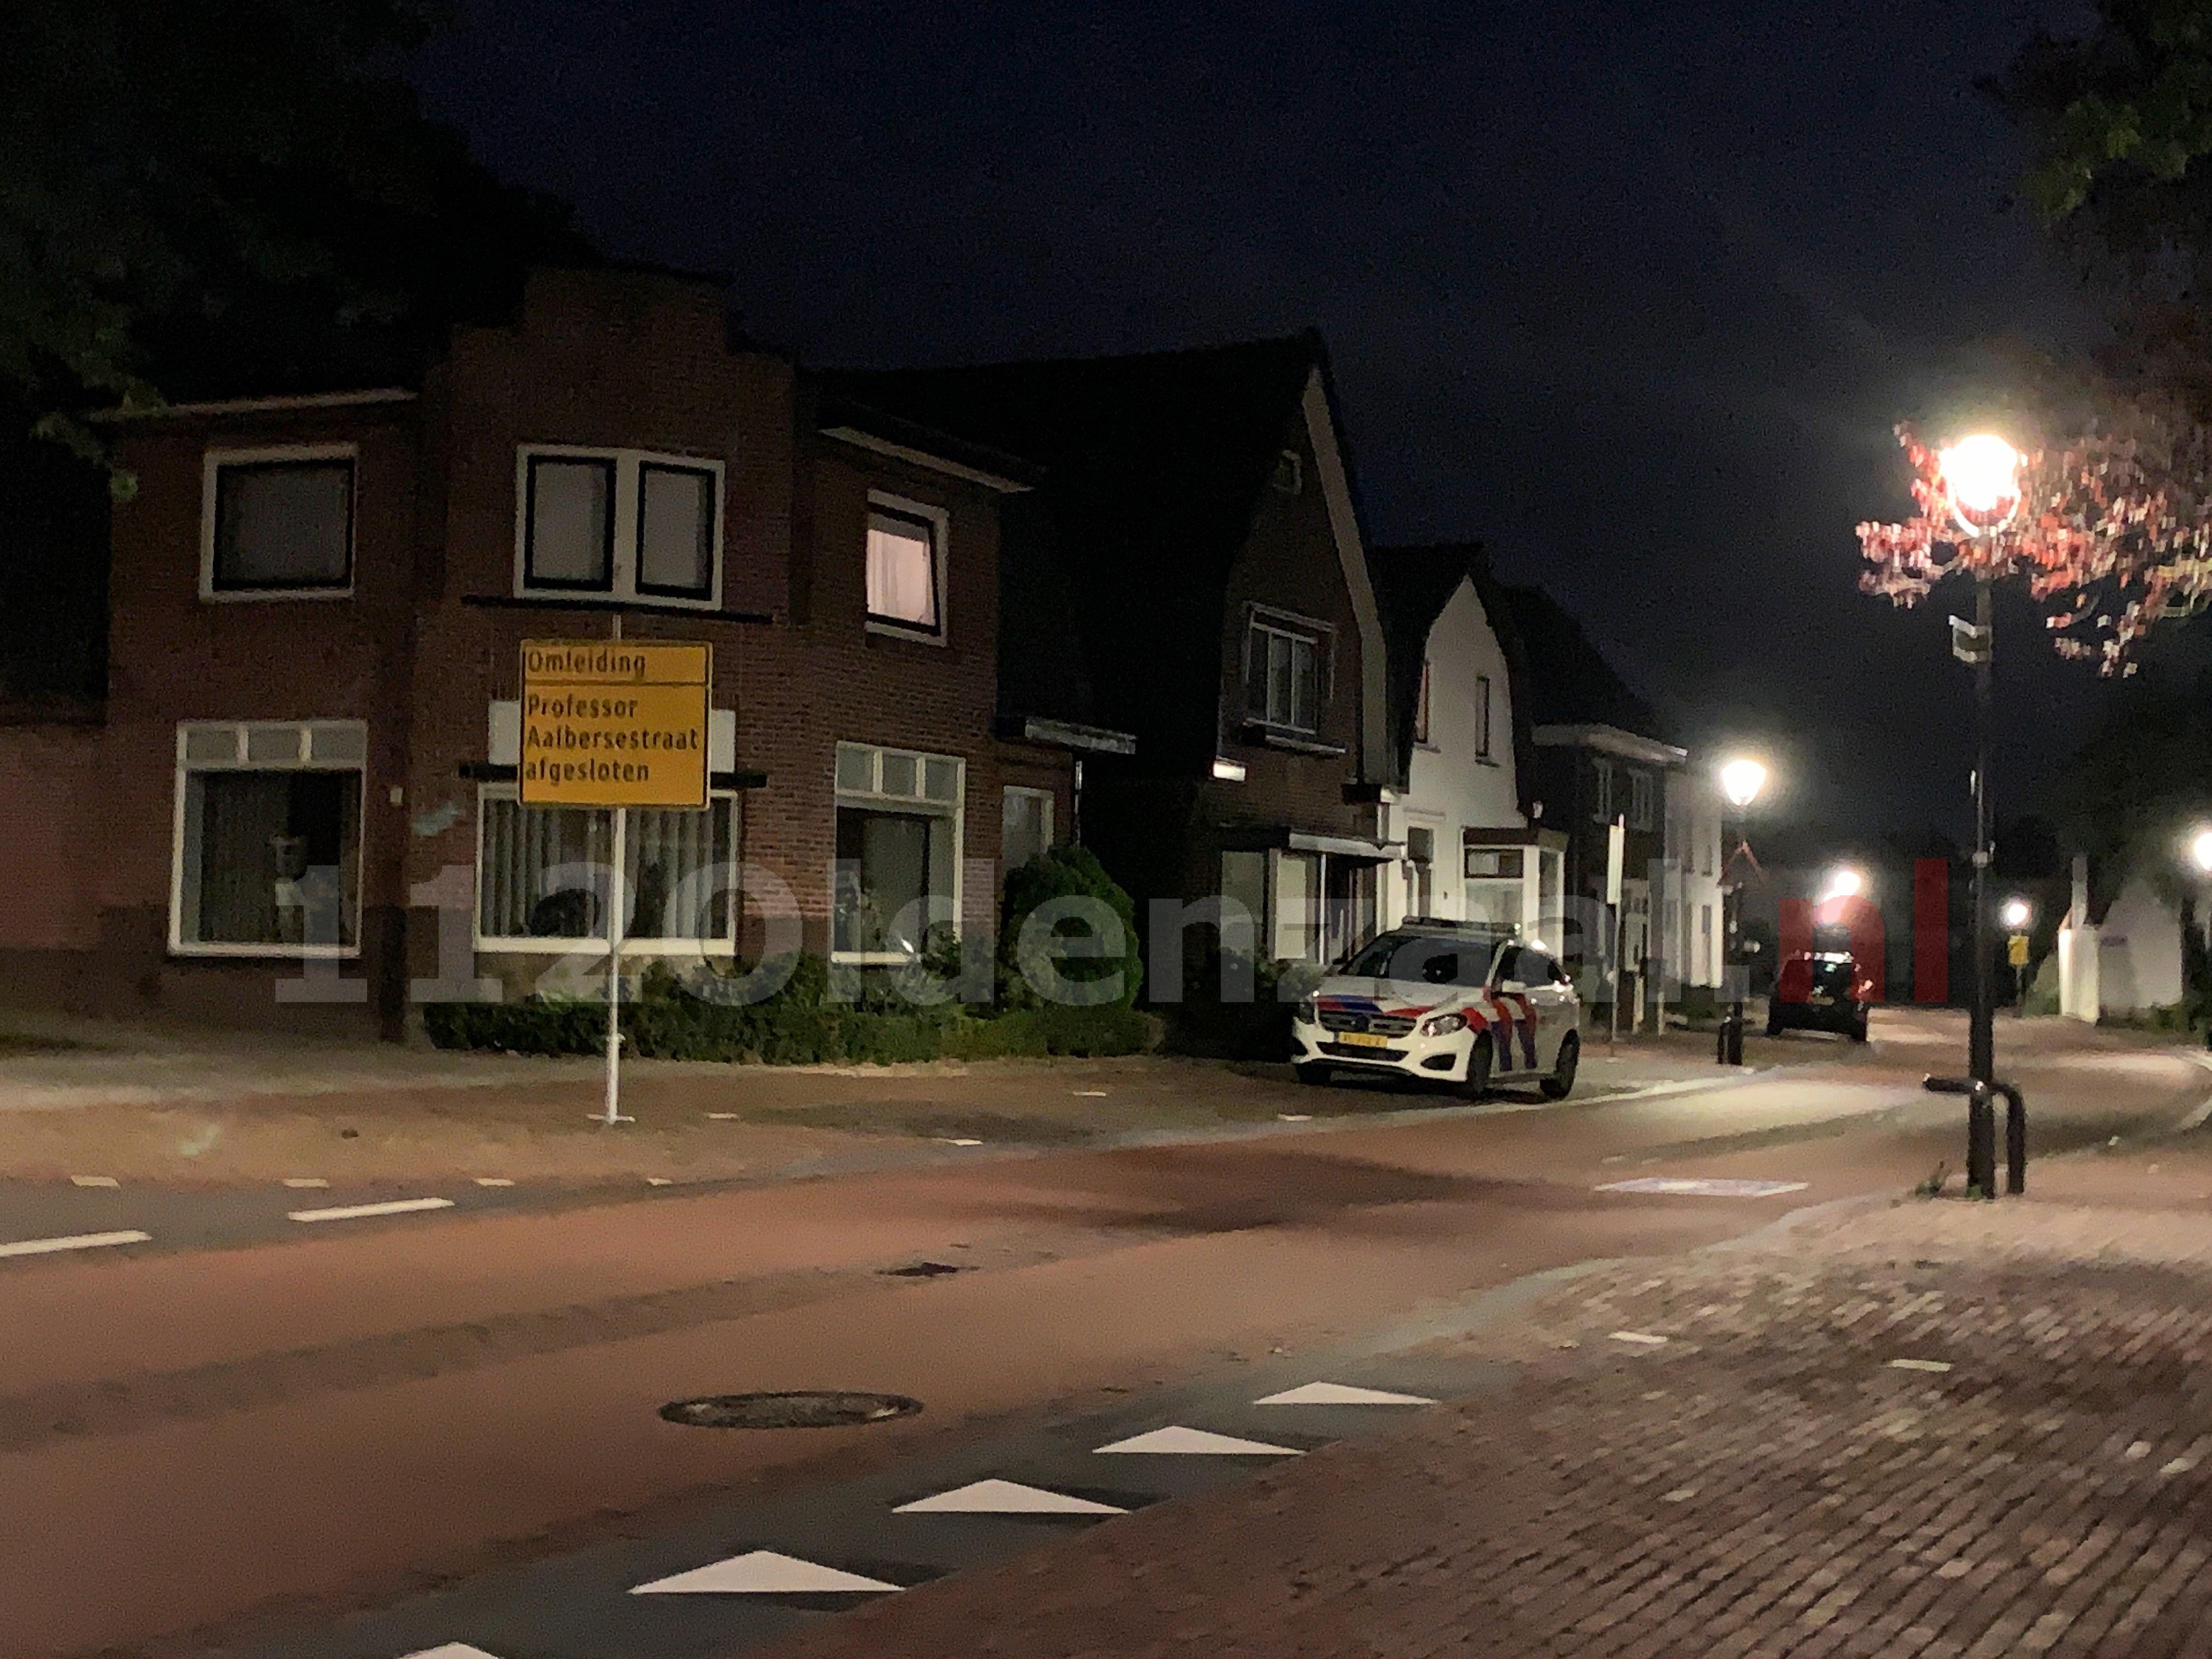 UPDATE: Politie zoekt camerabeelden na incident in woning Oldenzaal